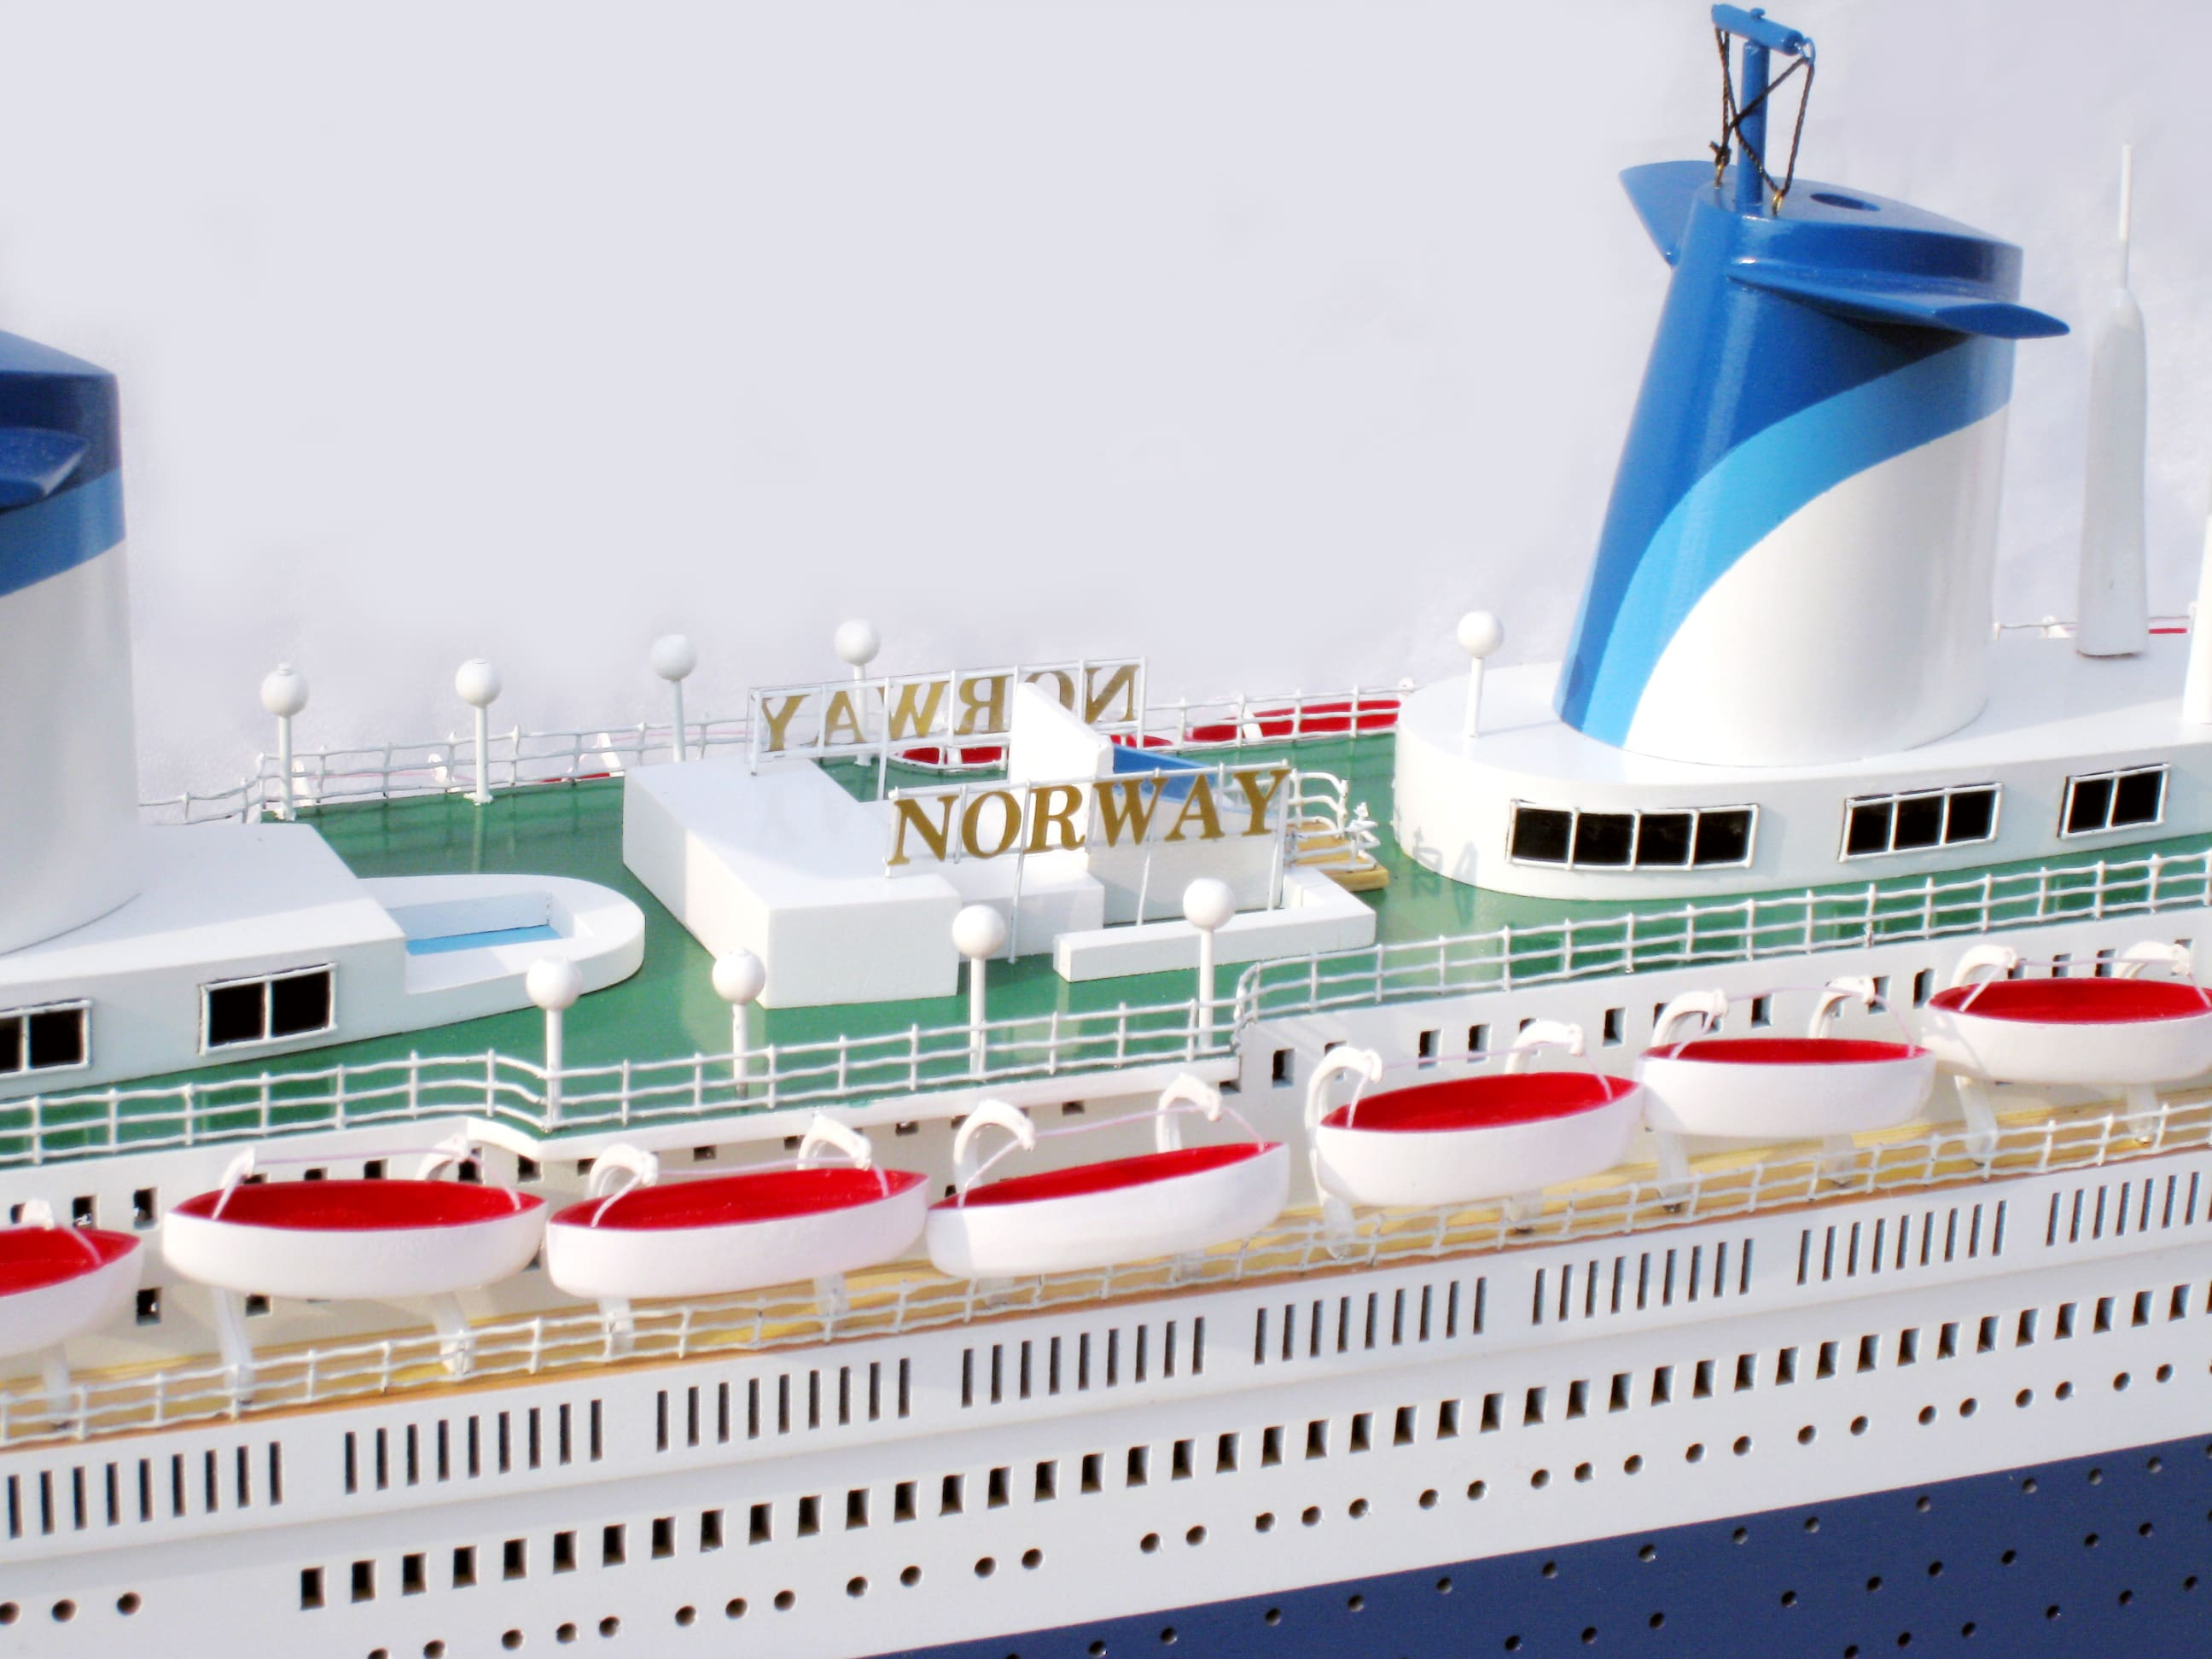 SS Norway (Édition Spéciale) - GN (CS0127PSE-100)